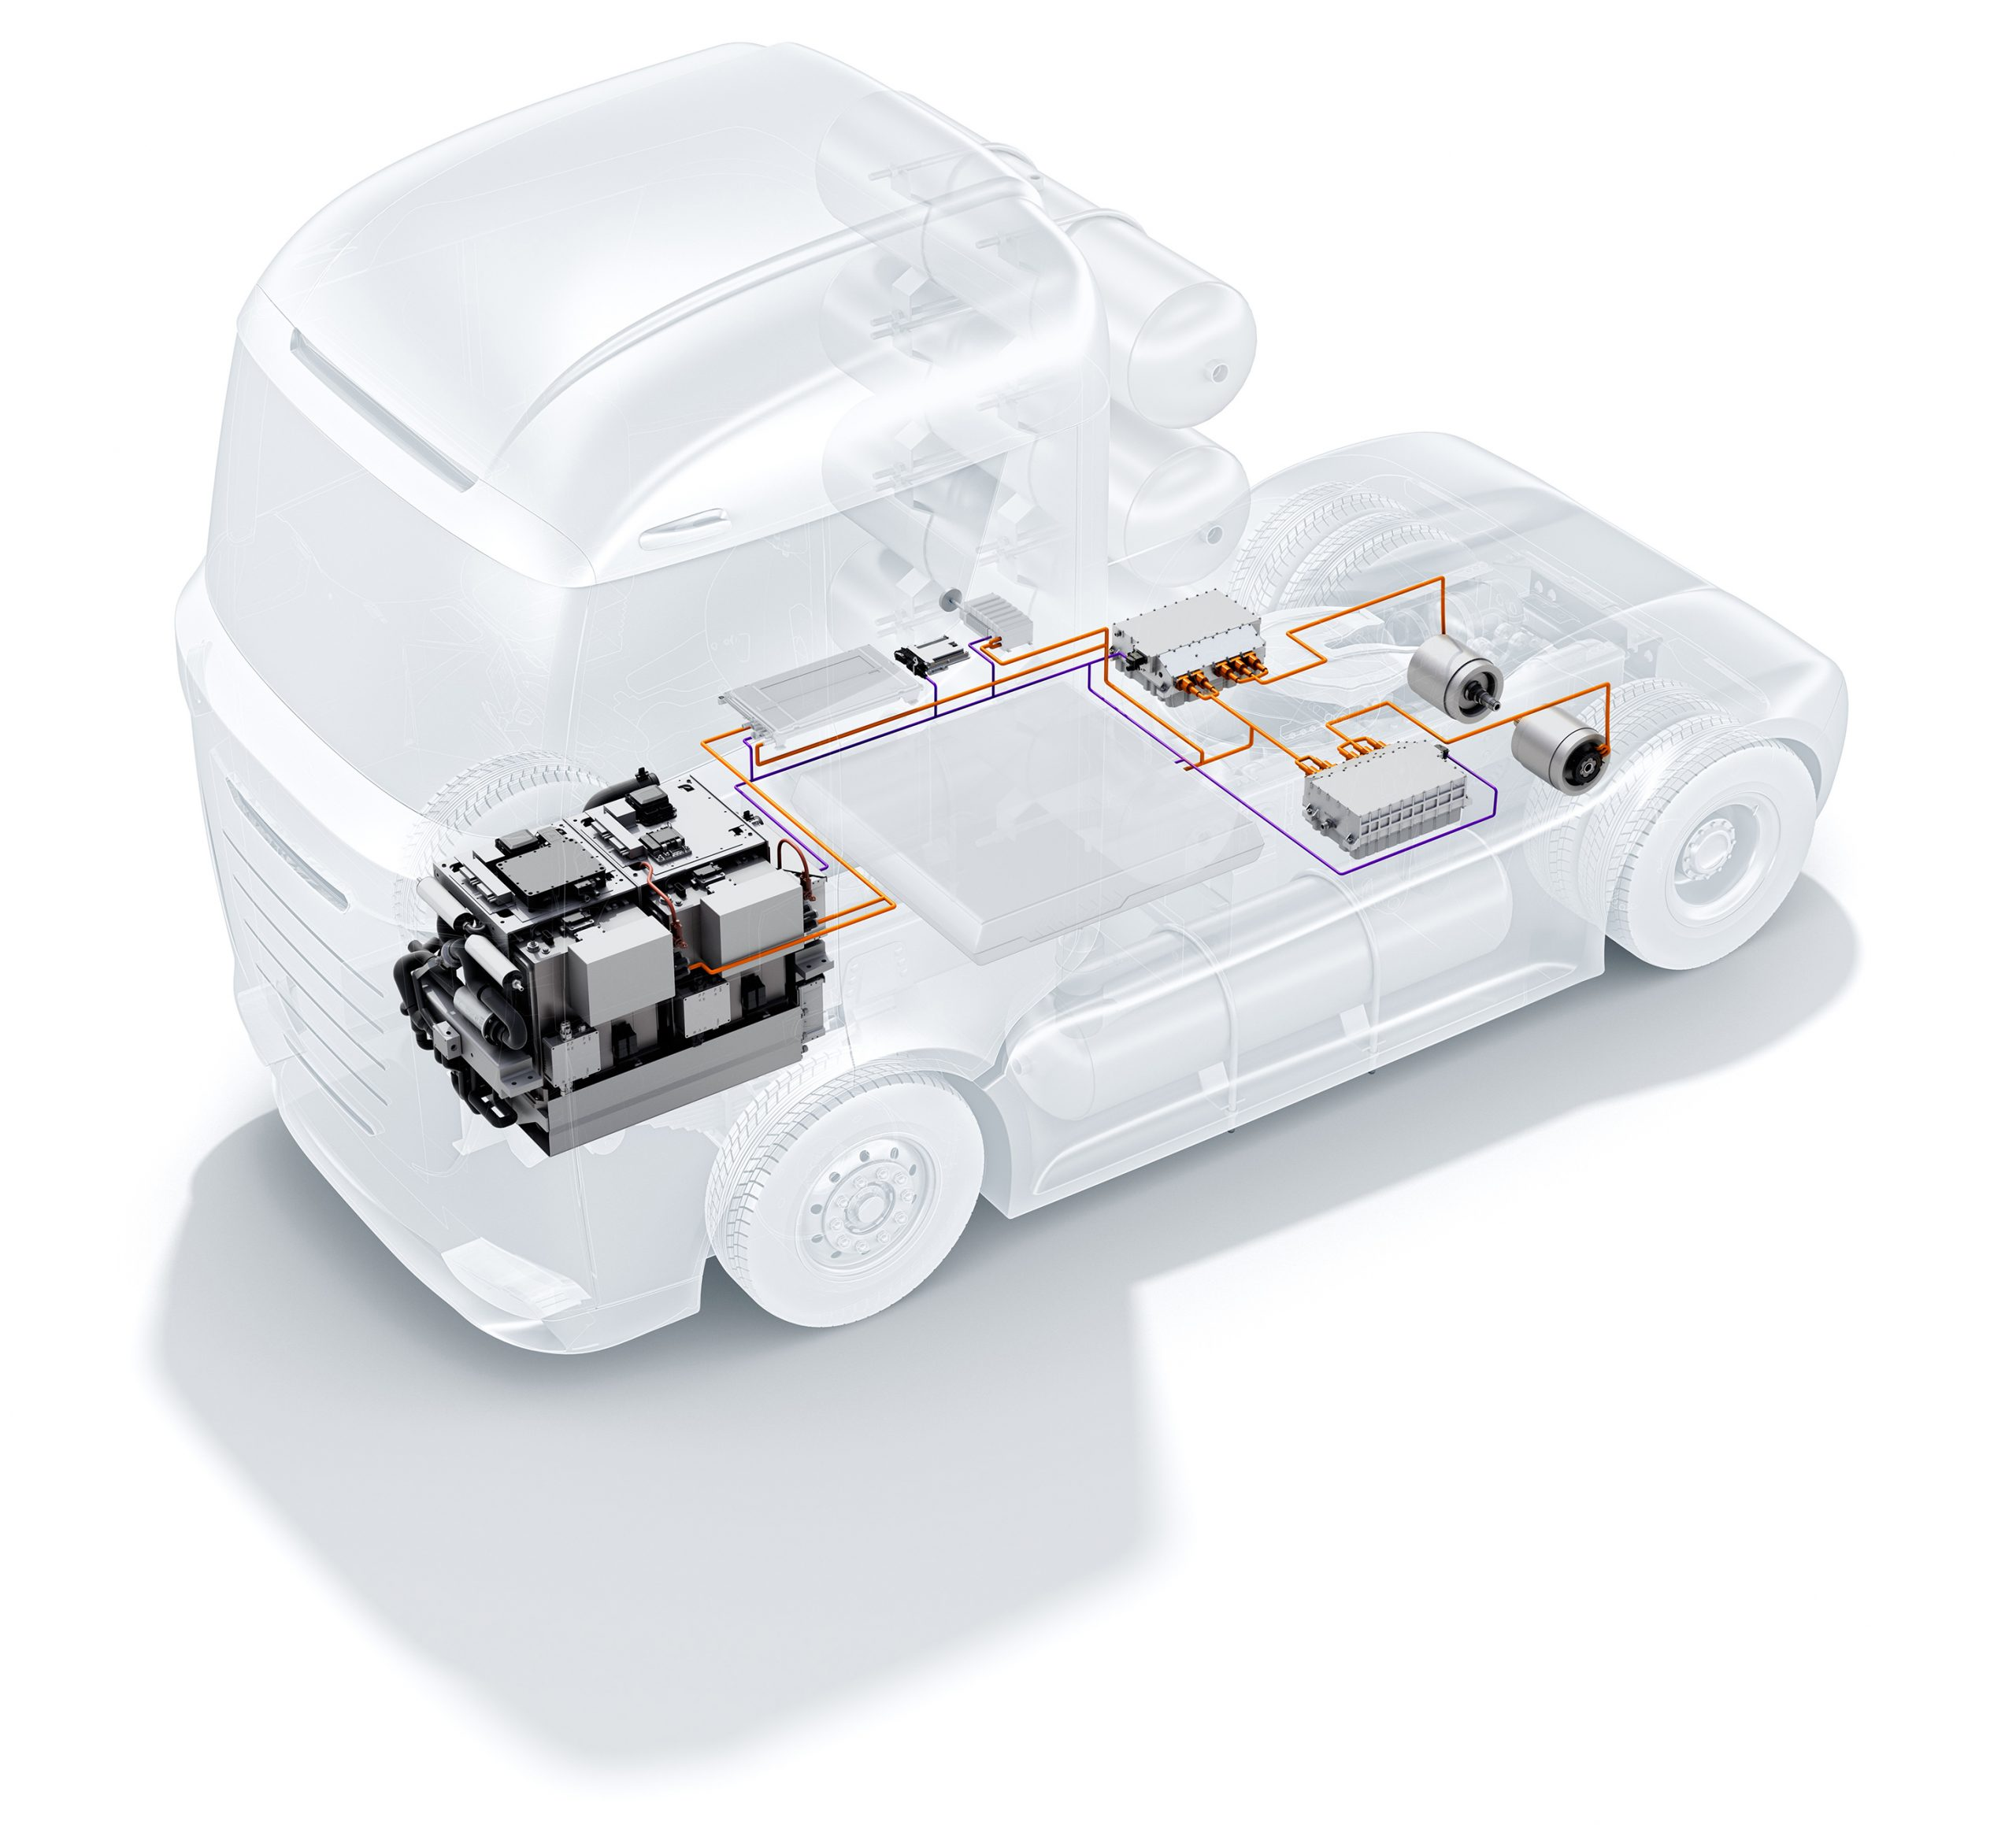 Automotive Technology Tom Denton S Automotive Technology Blog